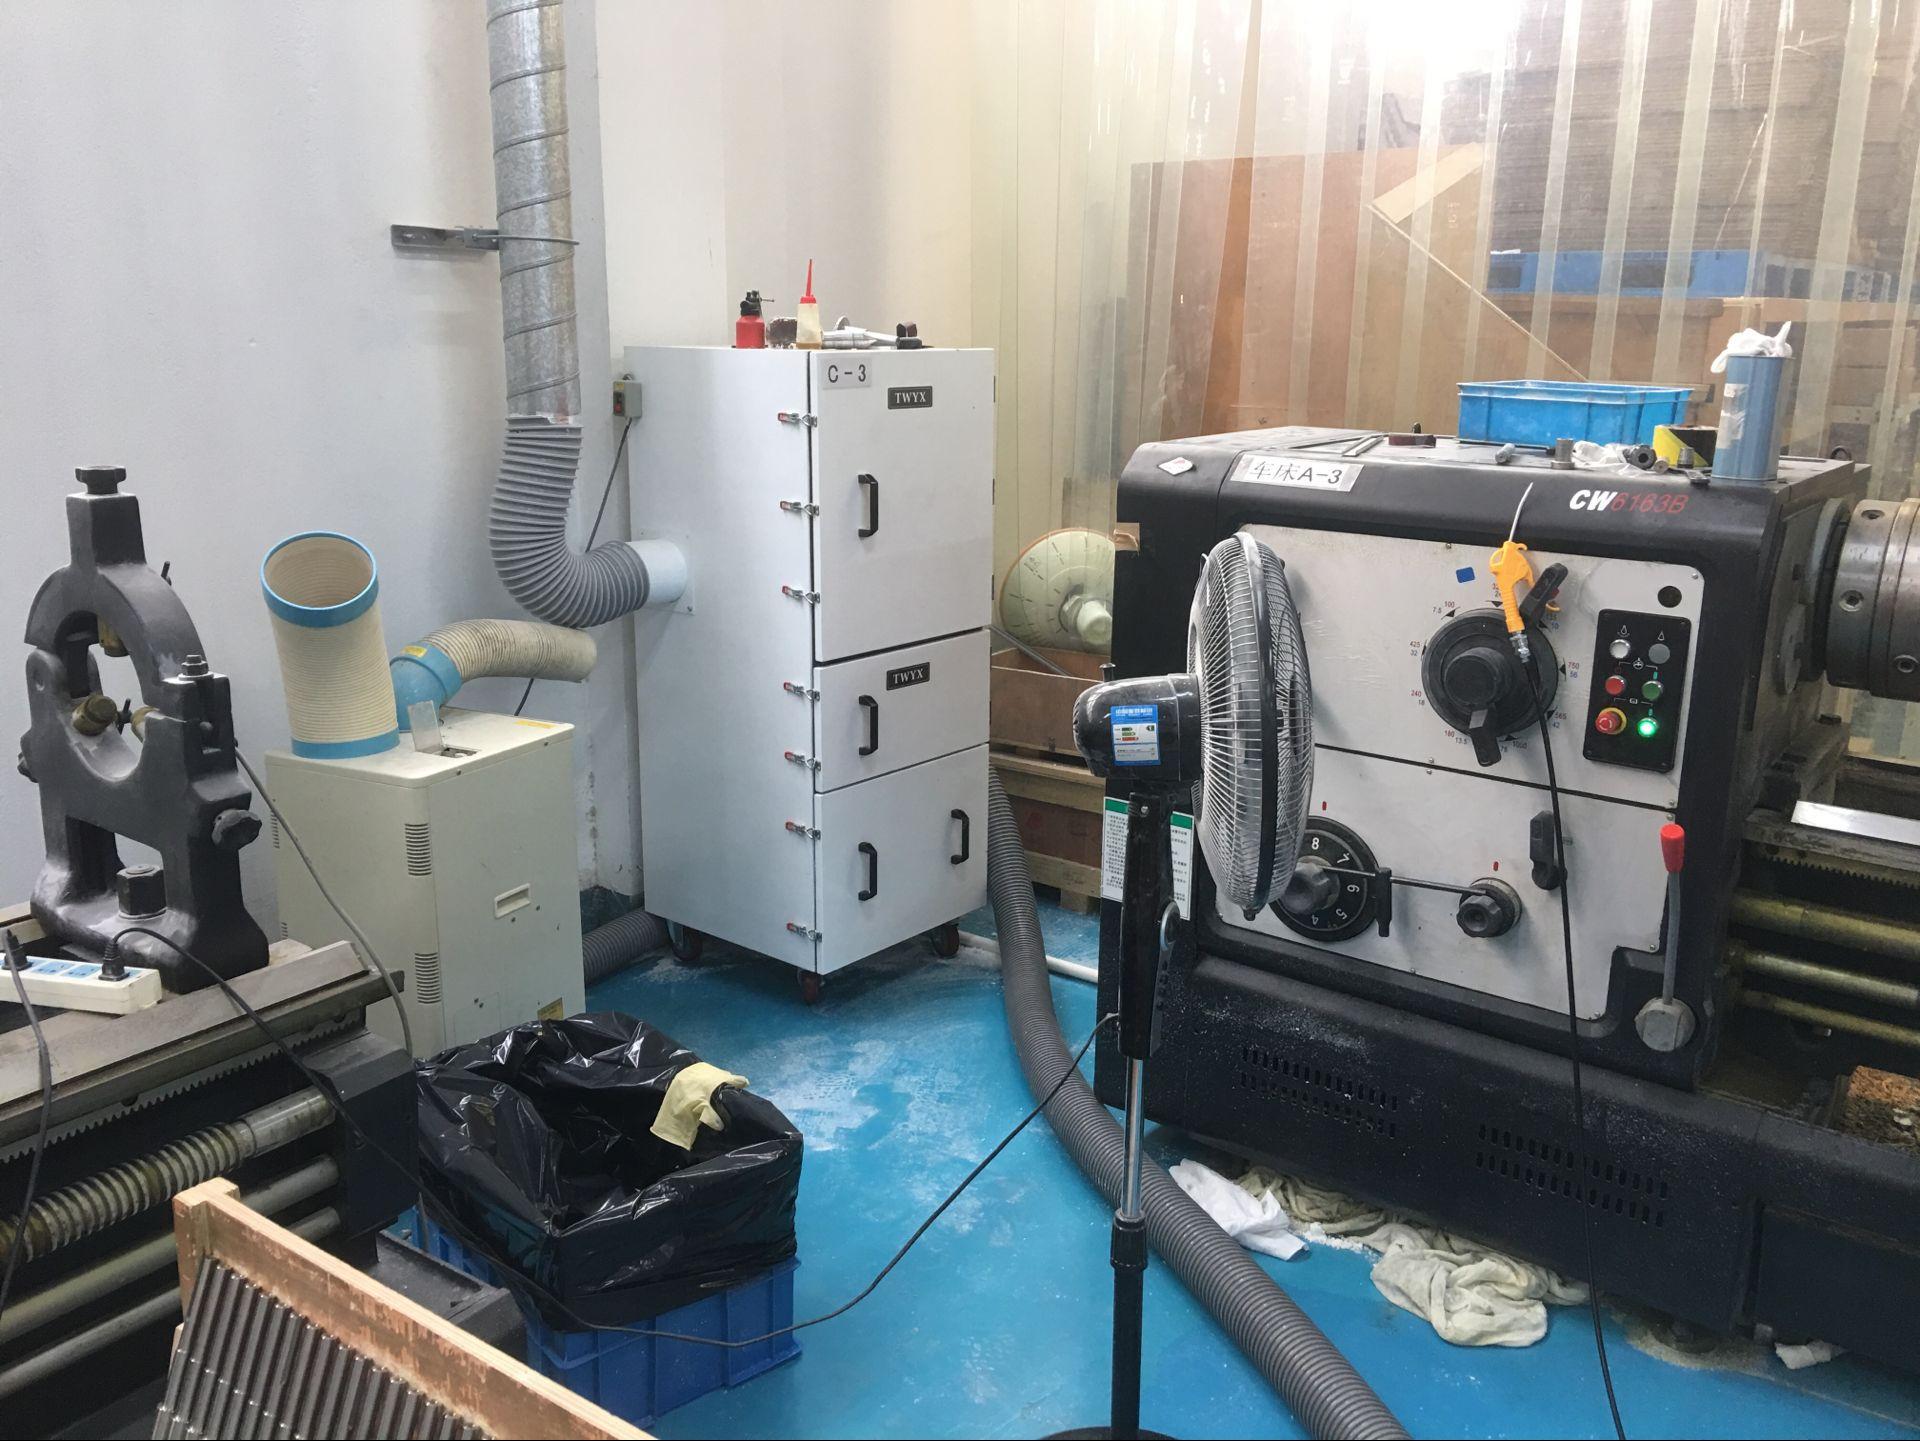 厂家直销磨床吸尘器  0.75kw磨床粉尘除尘器  JC-750-2砂轮机打磨集尘器   机床铝屑粉尘吸尘器移动式示例图8